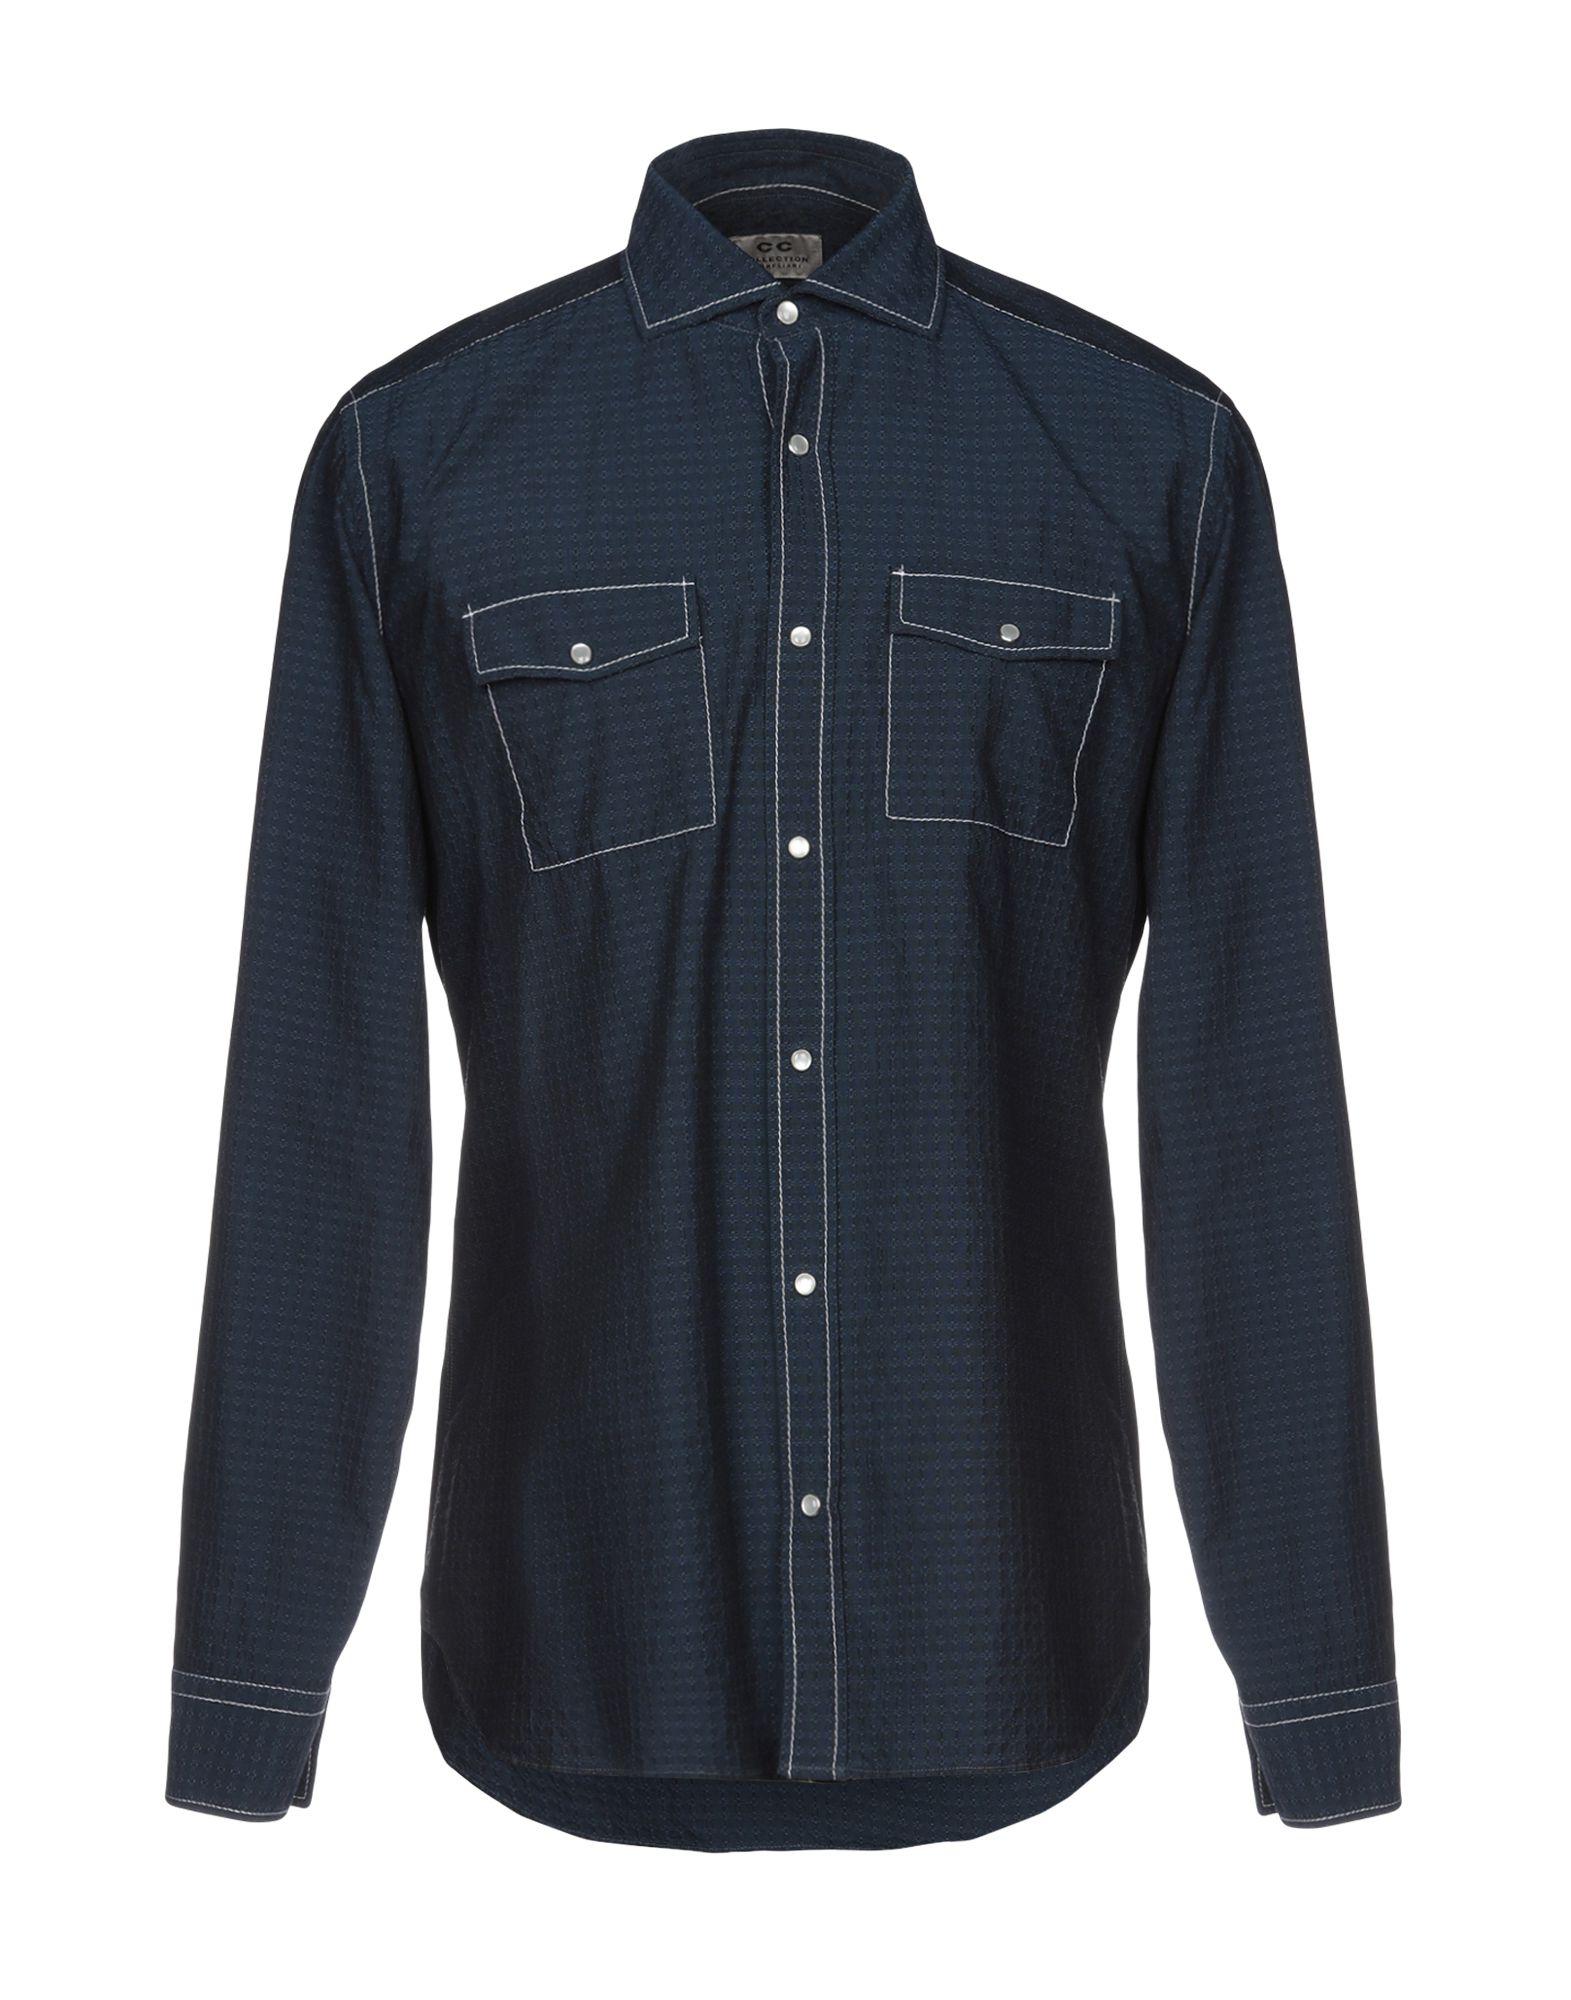 《送料無料》CC COLLECTION CORNELIANI メンズ シャツ ブルー 41 コットン 100%